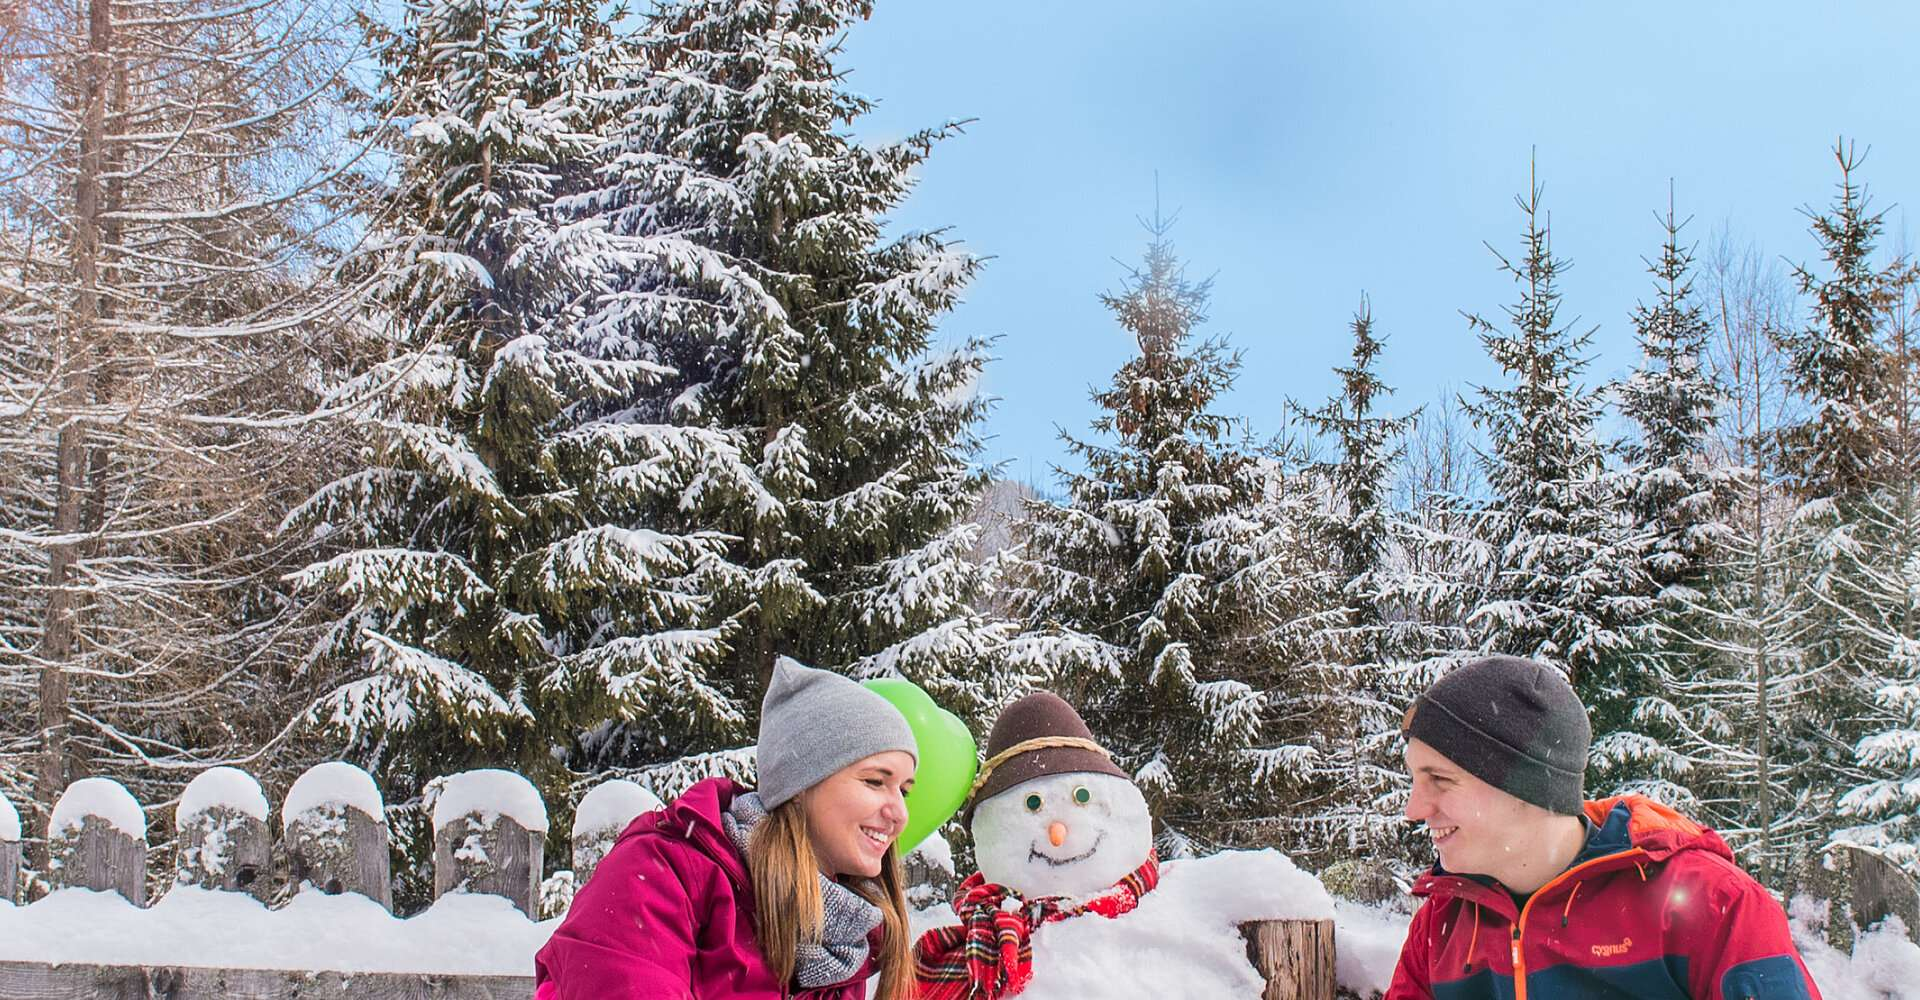 Winterurlaub im Herzen der Steiermark genießen - Ob Ski, Schneeschuh, Tourenski oder einfach Relaxen - steirische Winterfrische genießen!